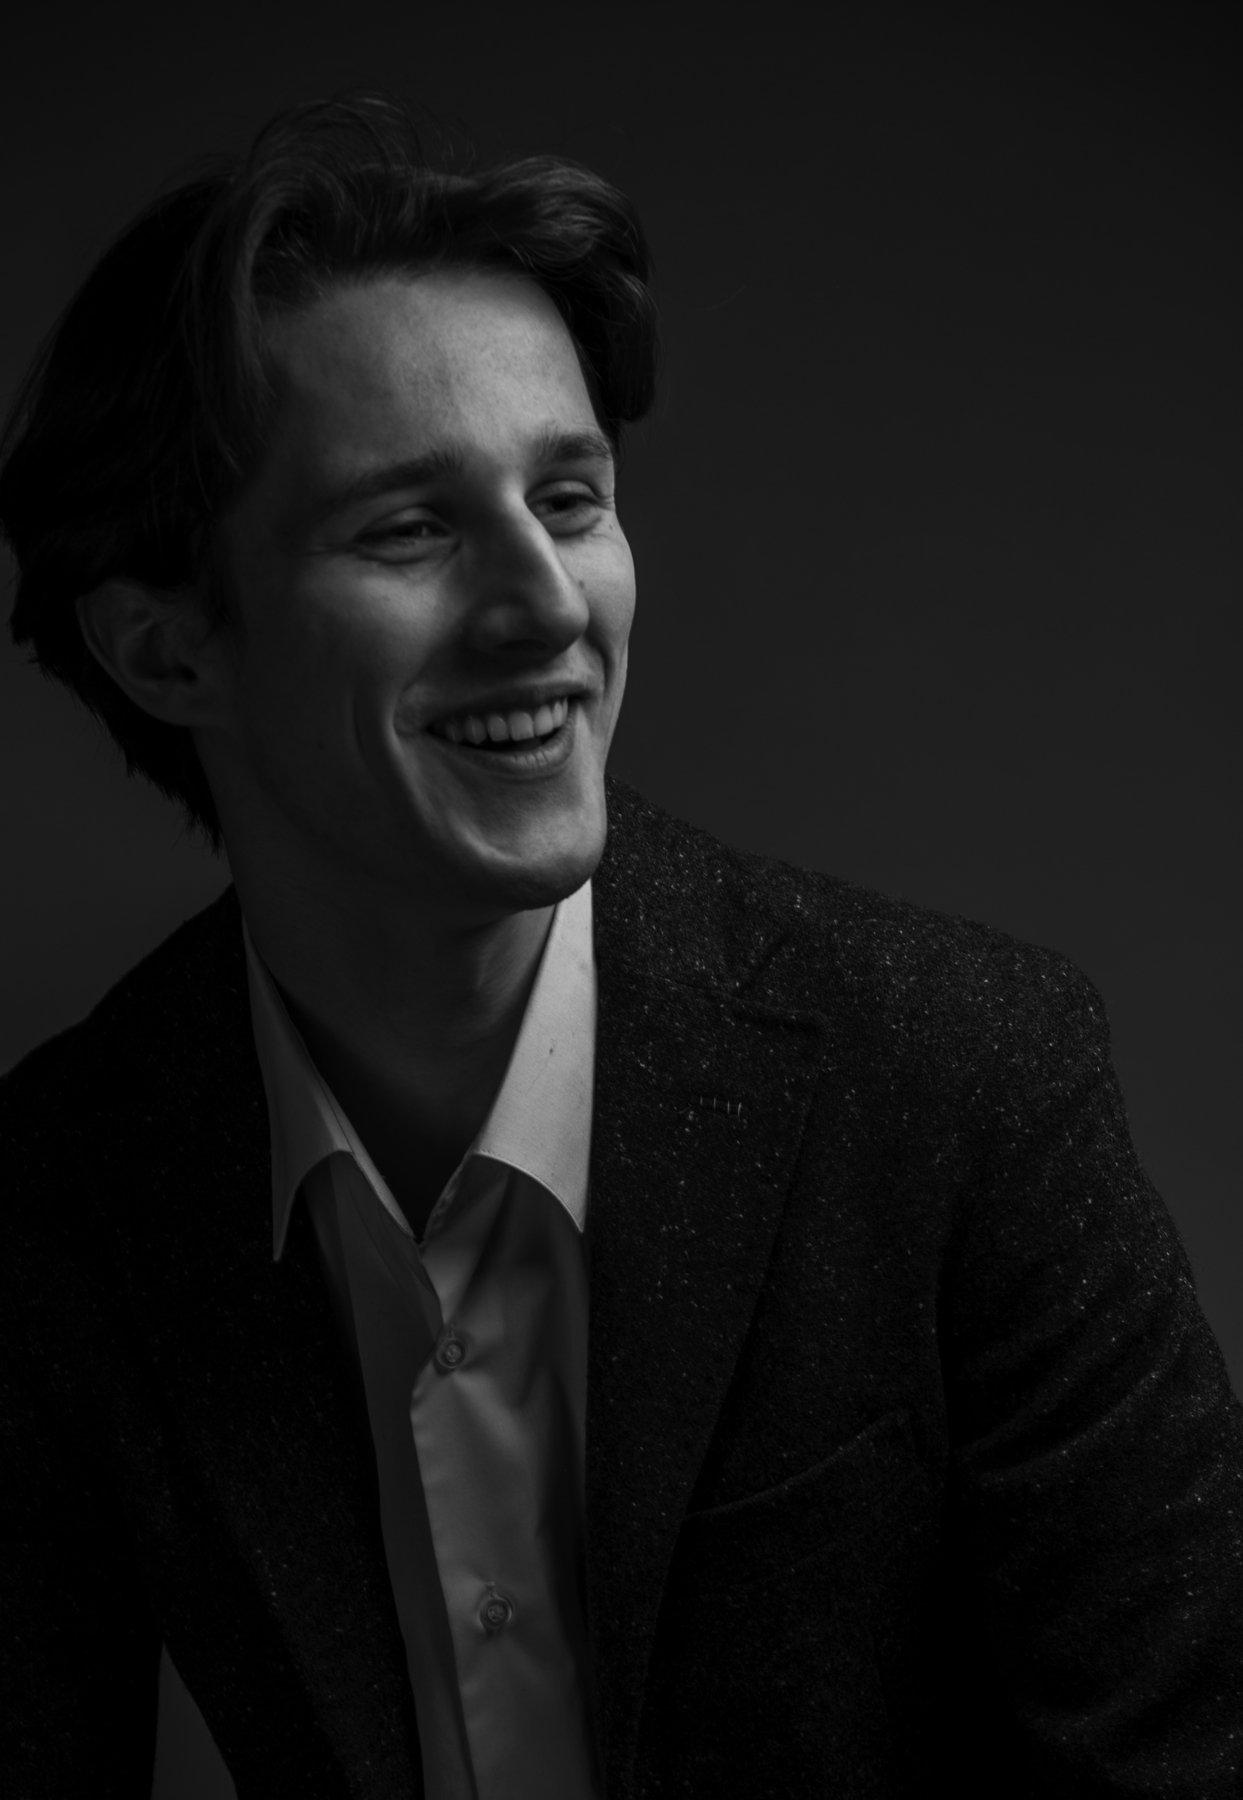 портрет фотостудия чб свет мужской портрет, Zonder Alex